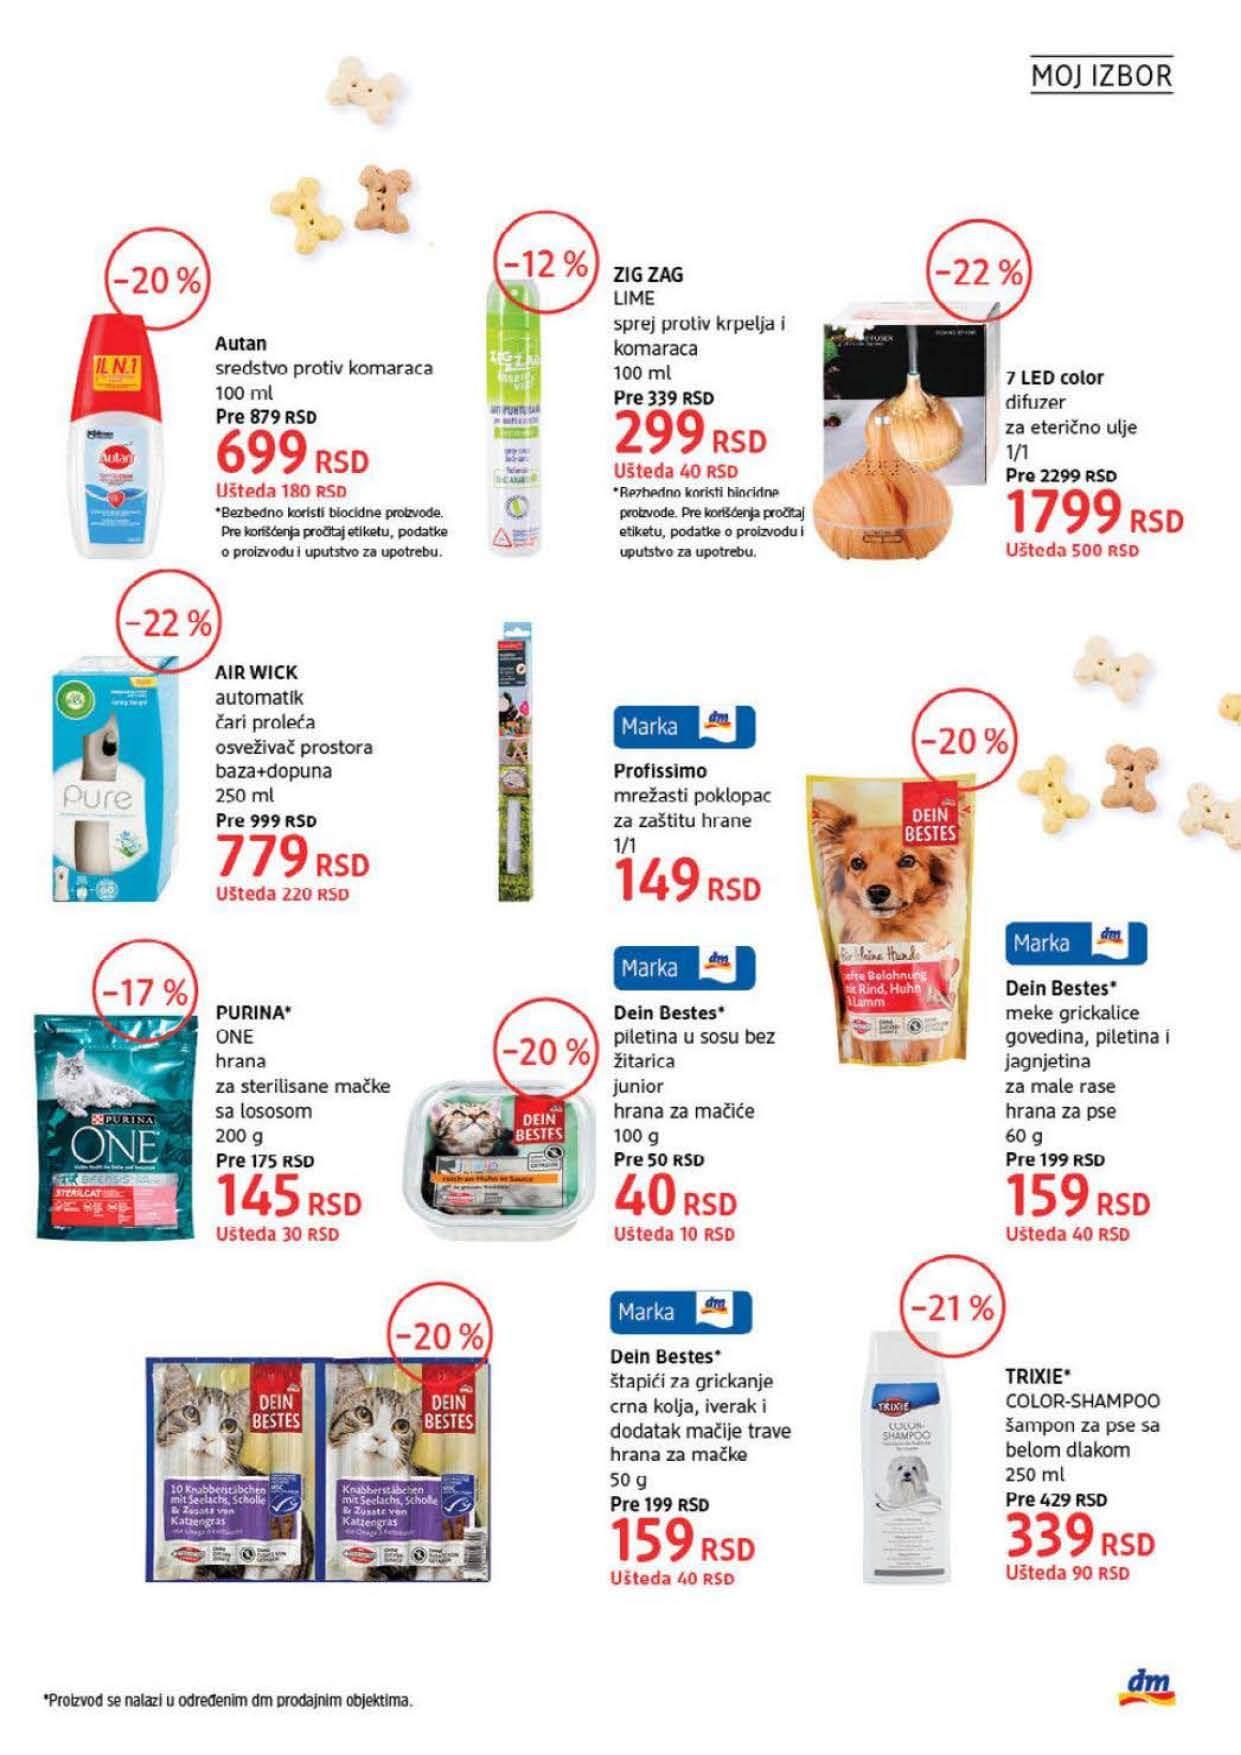 DM Katalog SRBIJA JUL 2021 ekatalozi.com PR Page 39